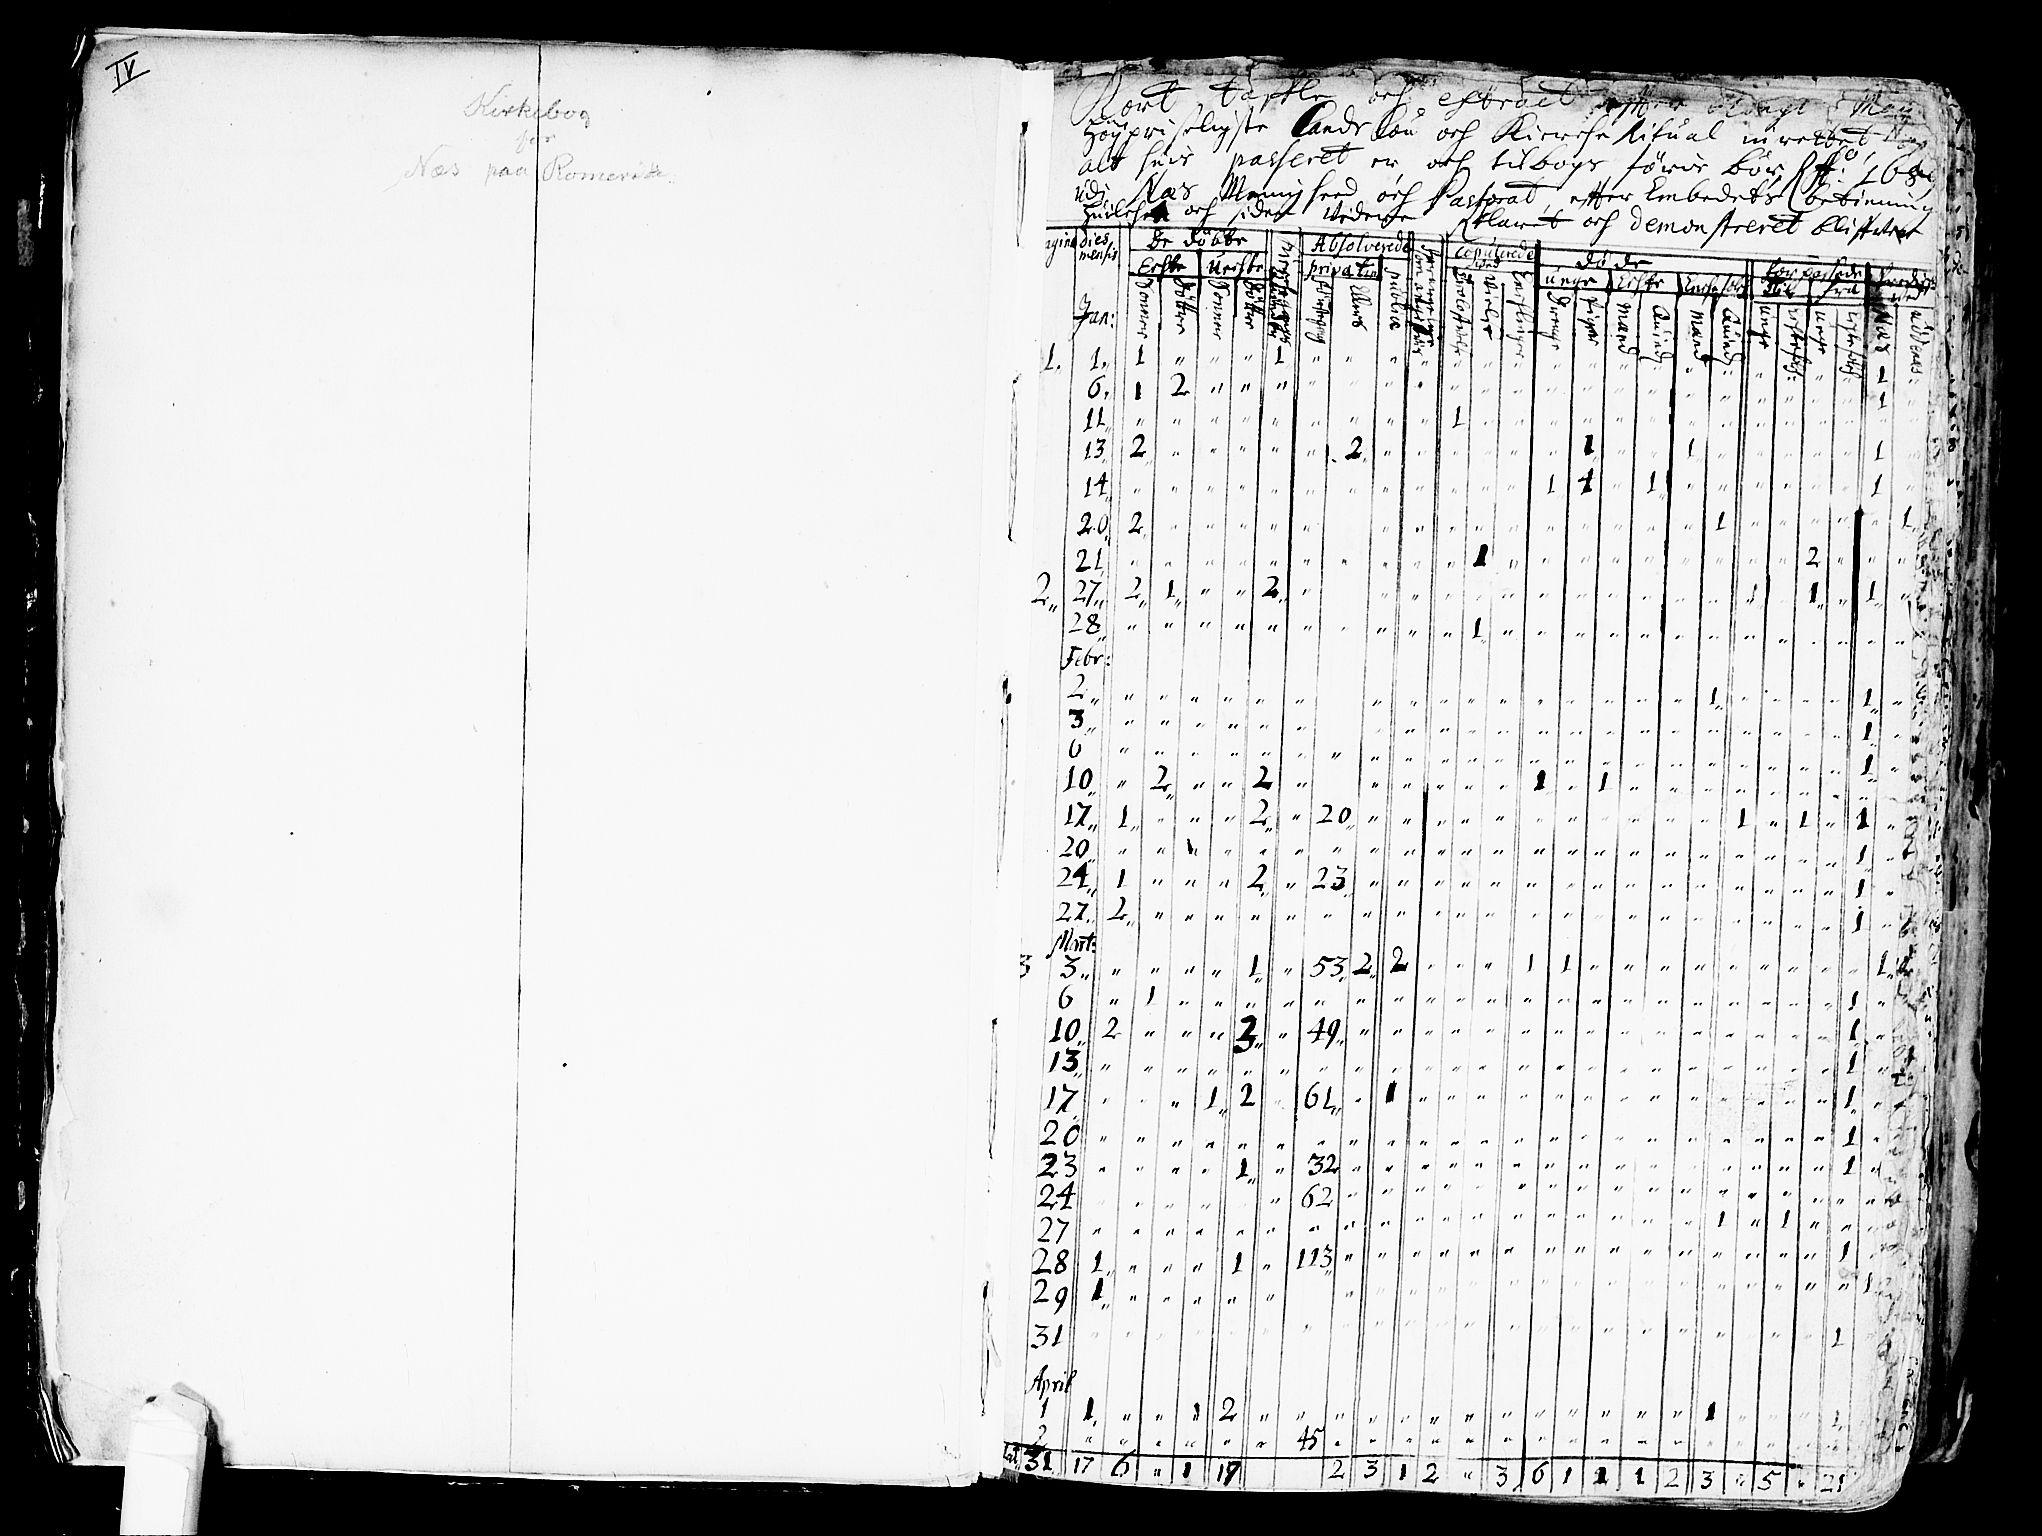 SAO, Nes prestekontor Kirkebøker, F/Fa/L0001: Ministerialbok nr. I 1, 1689-1716, s. V